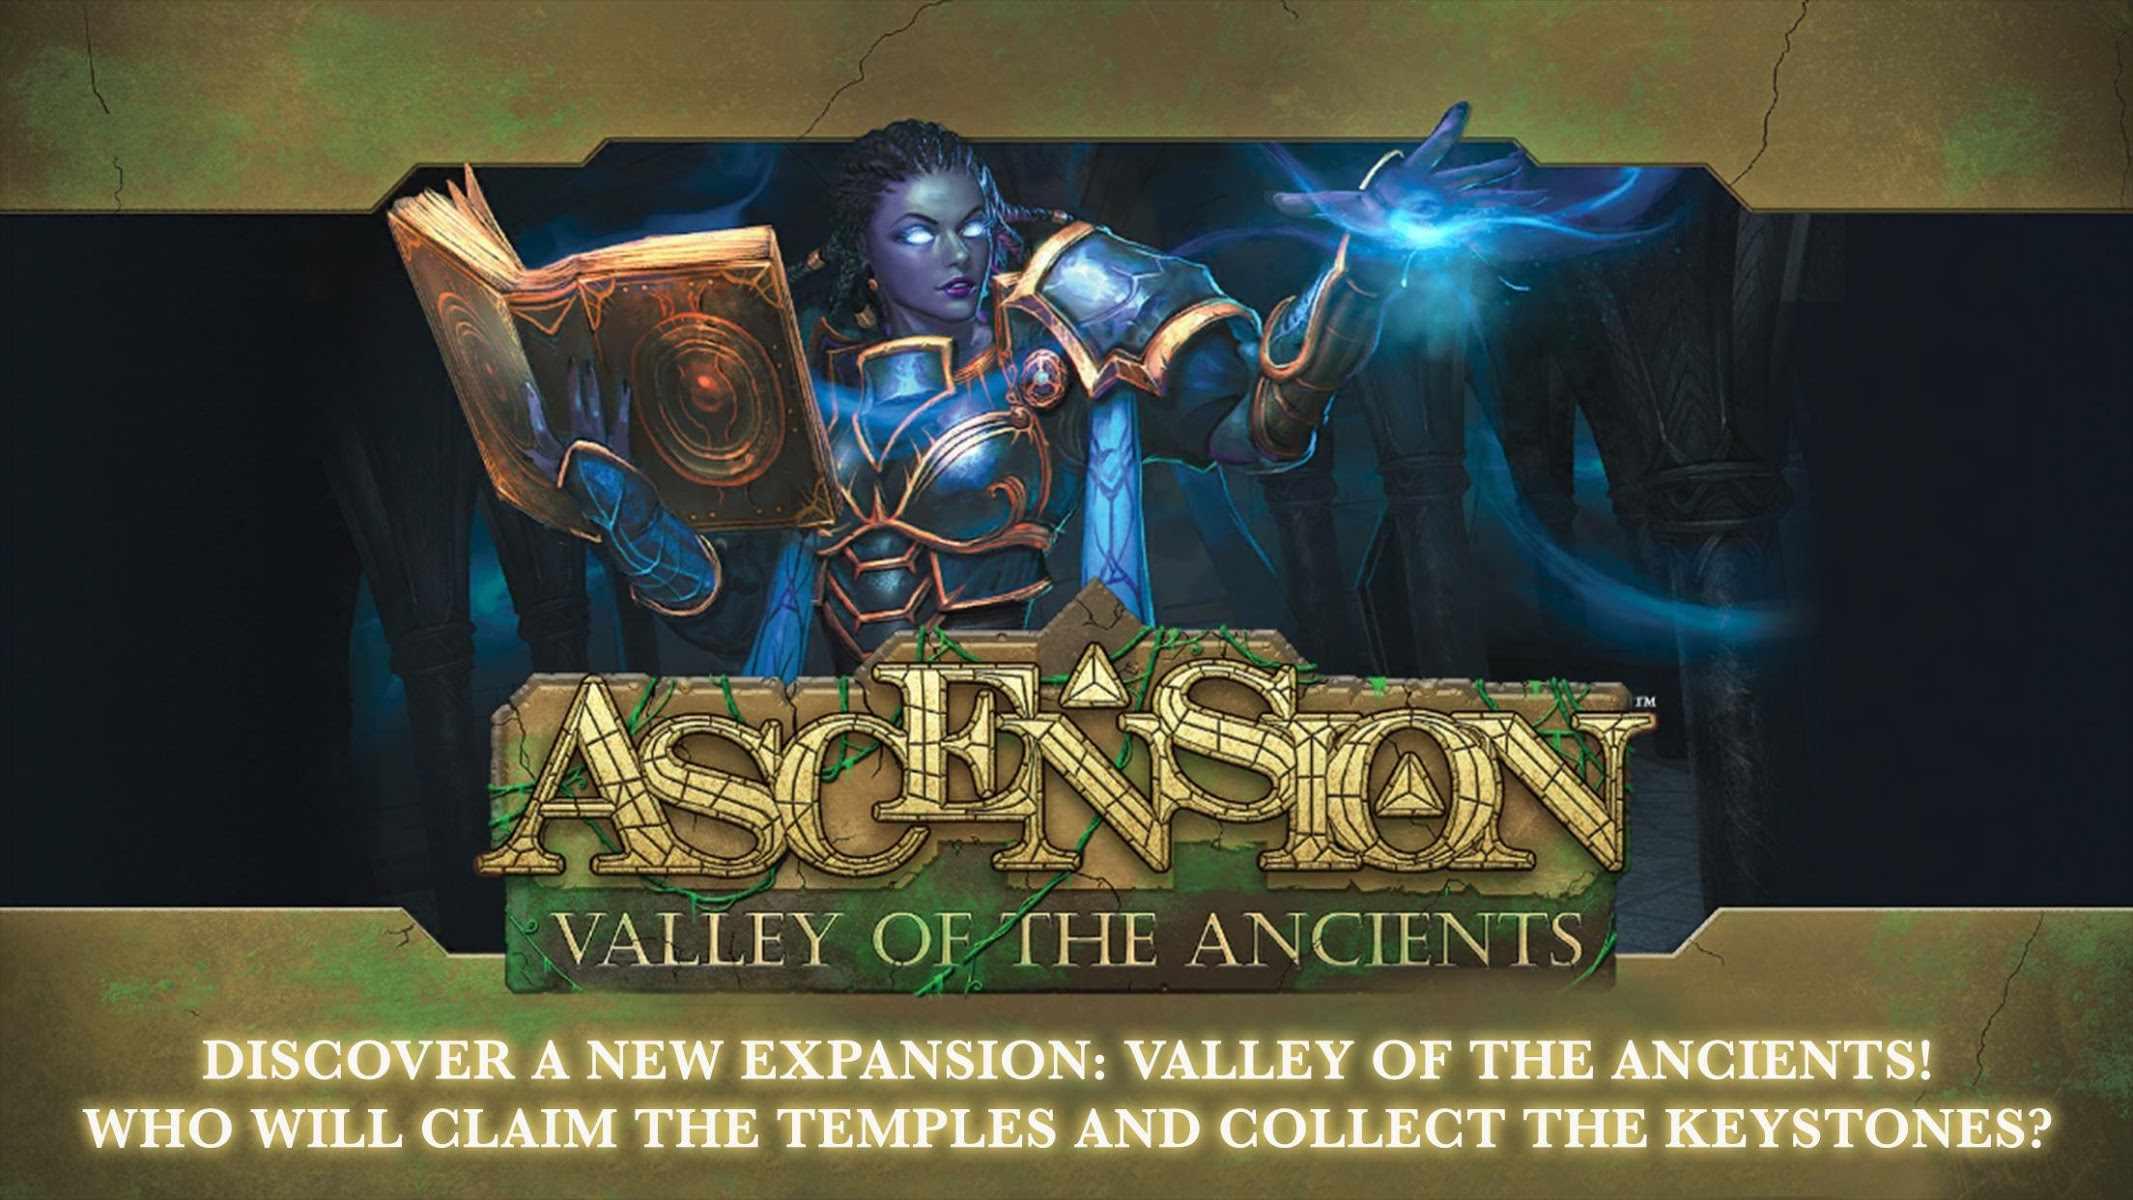 دانلود Ascension v2.2.0 – بازی کارتی متفاوت صعود اندروید